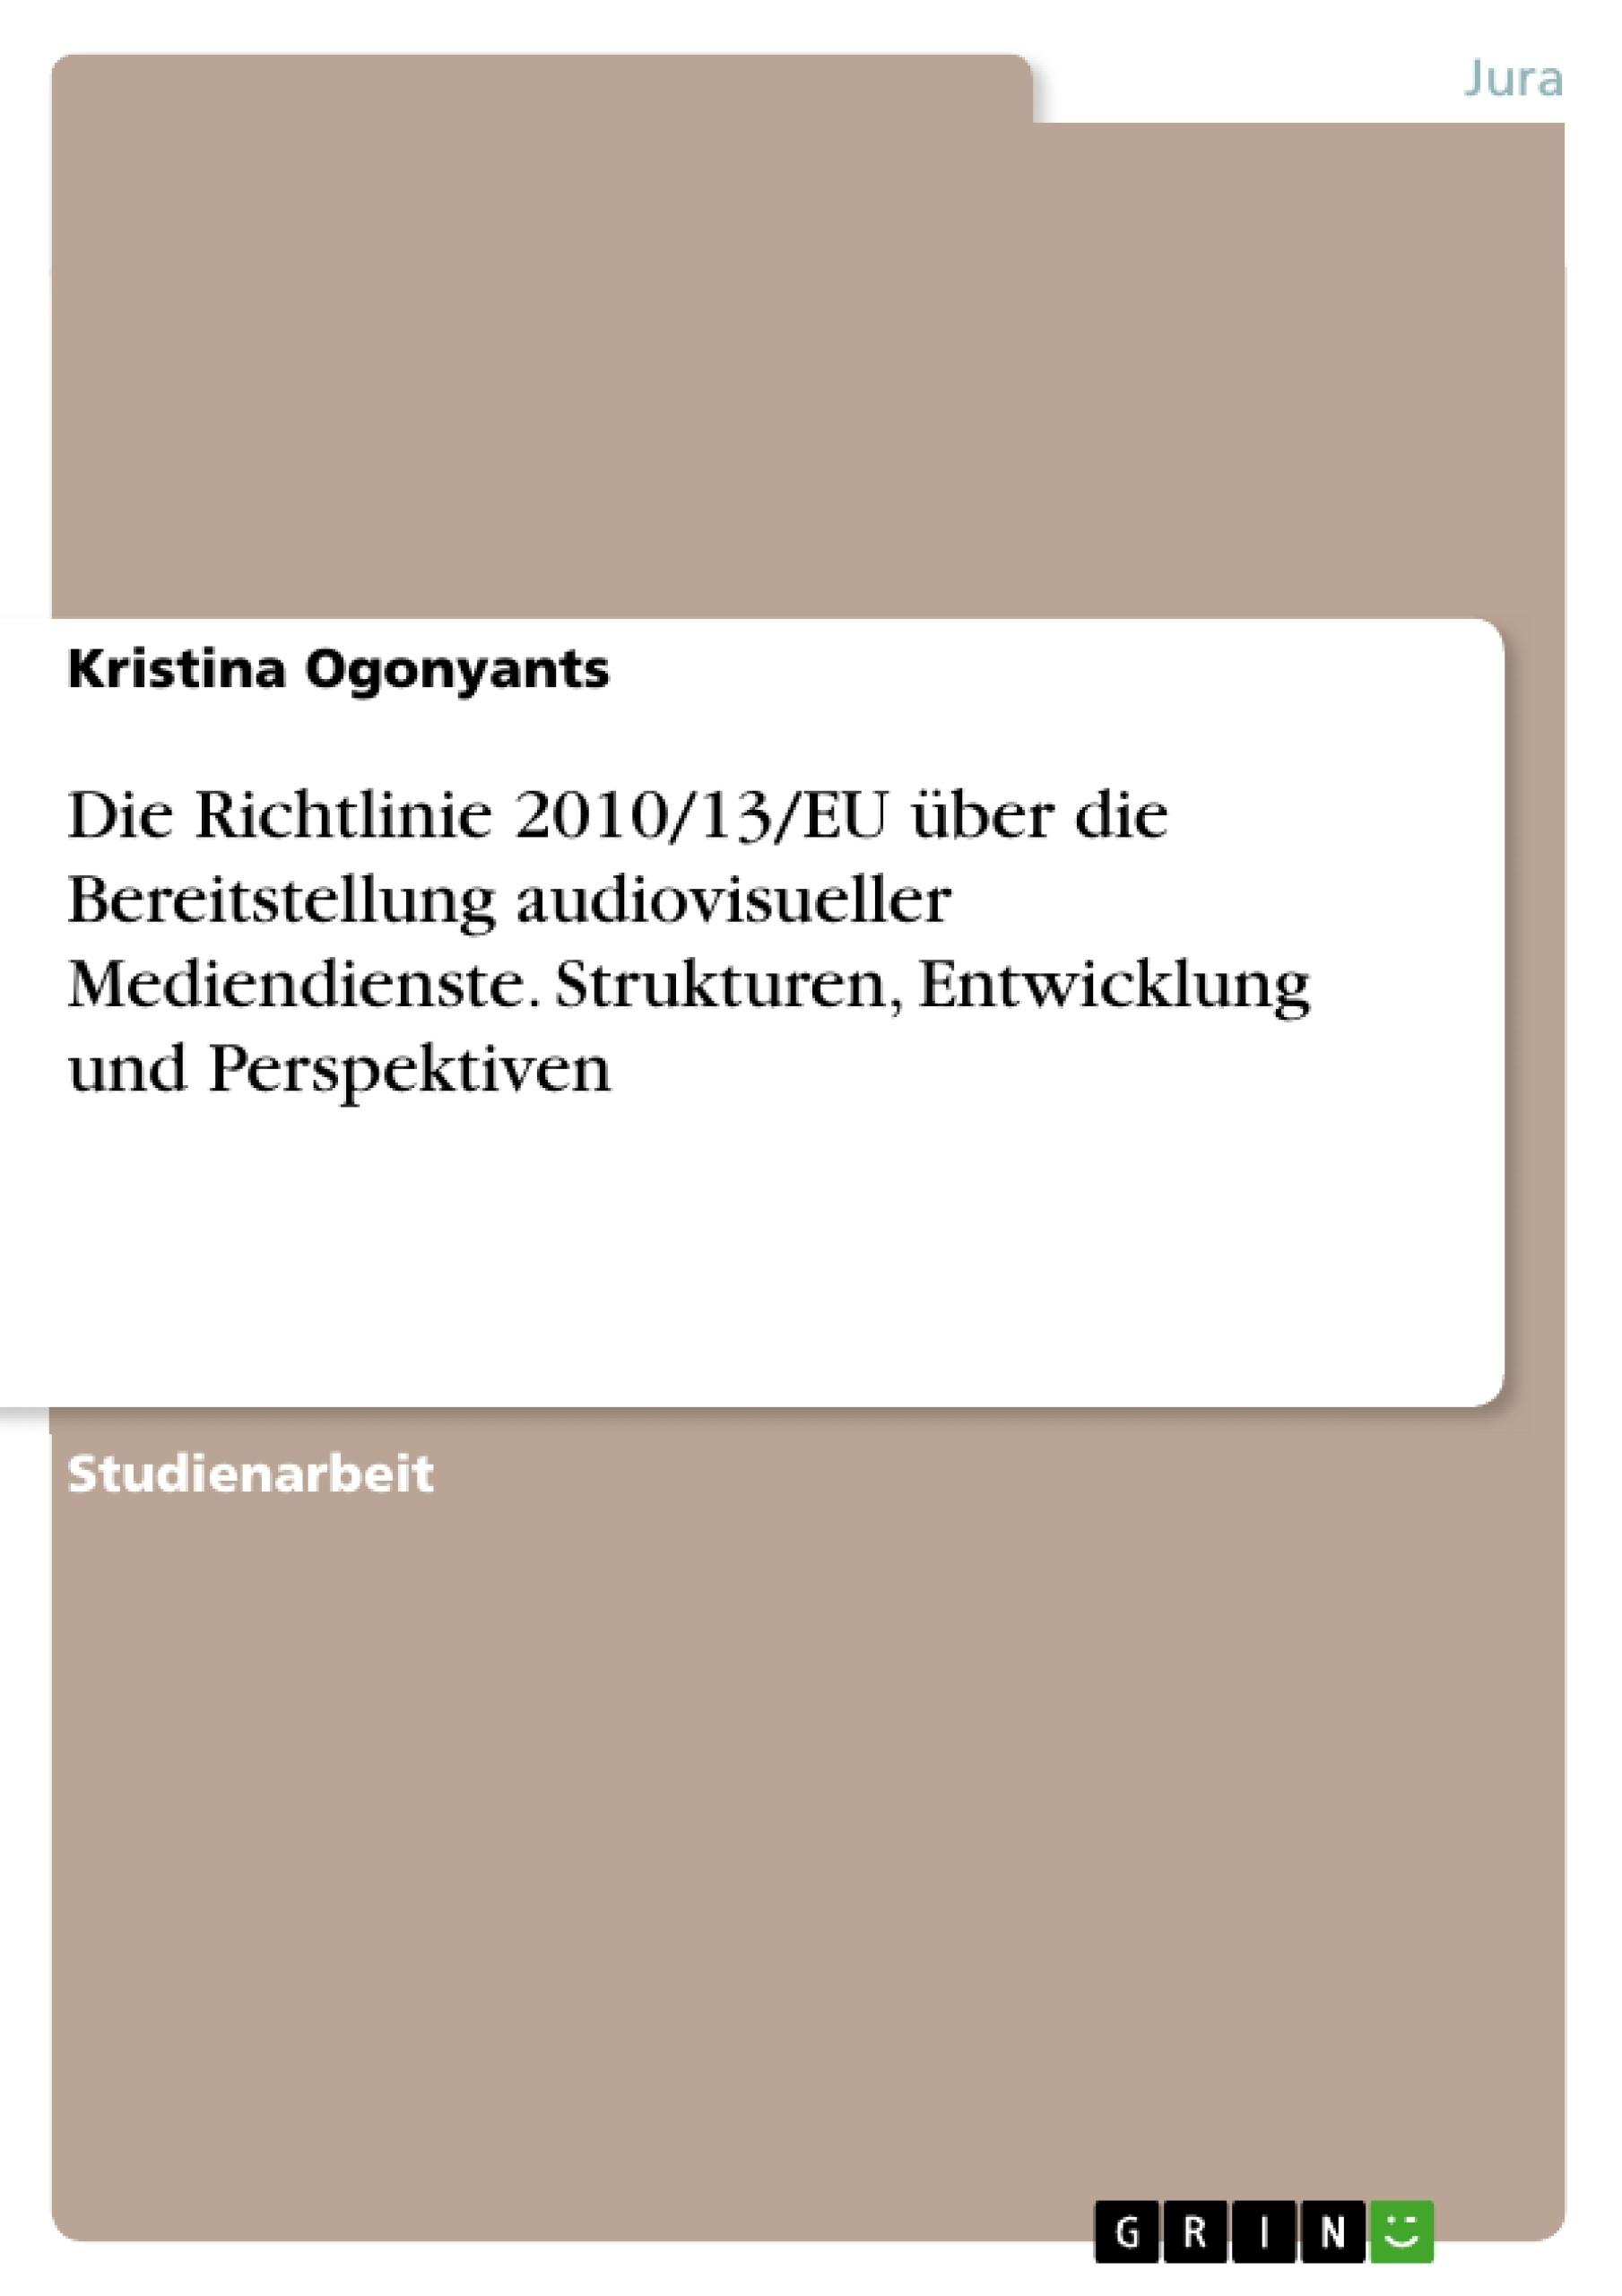 Titel: Die Richtlinie 2010/13/EU über die Bereitstellung audiovisueller Mediendienste. Strukturen, Entwicklung und Perspektiven